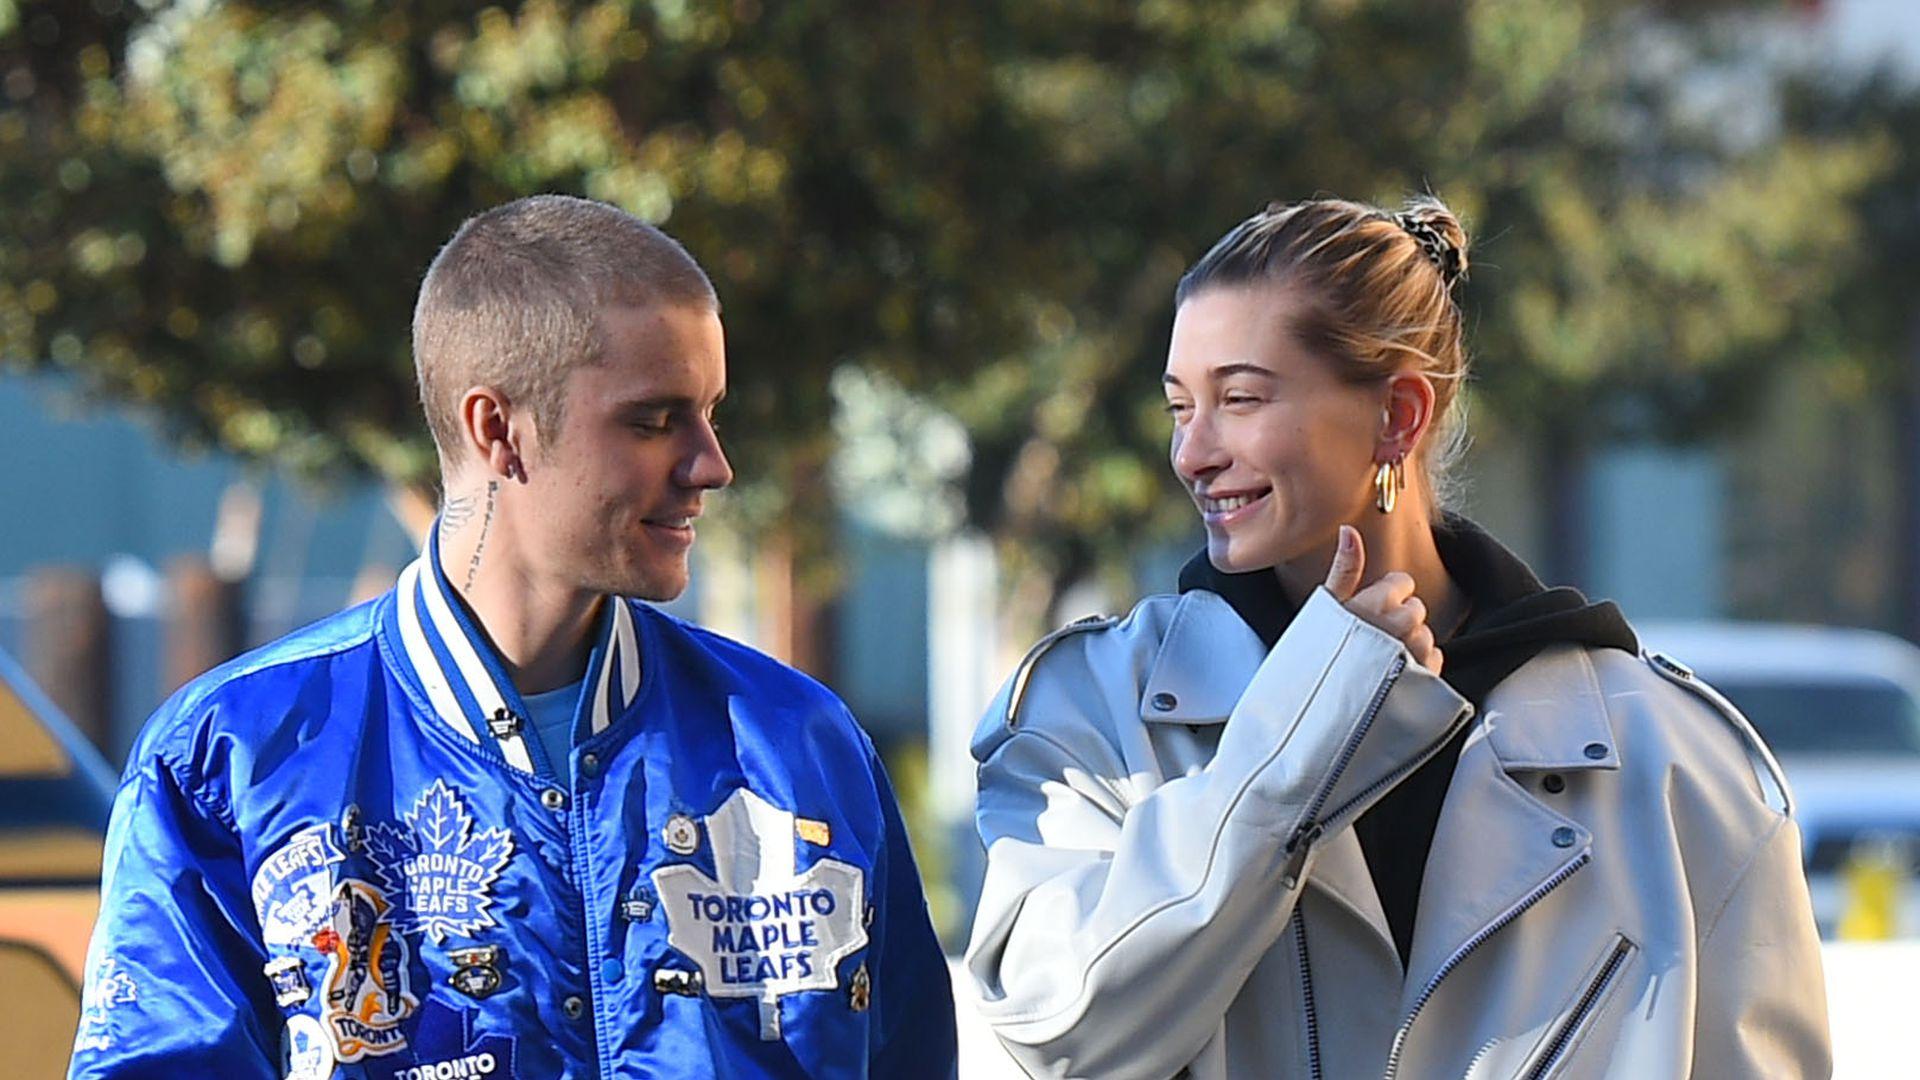 Justin Hailey Bieber Hochzeitsfeier